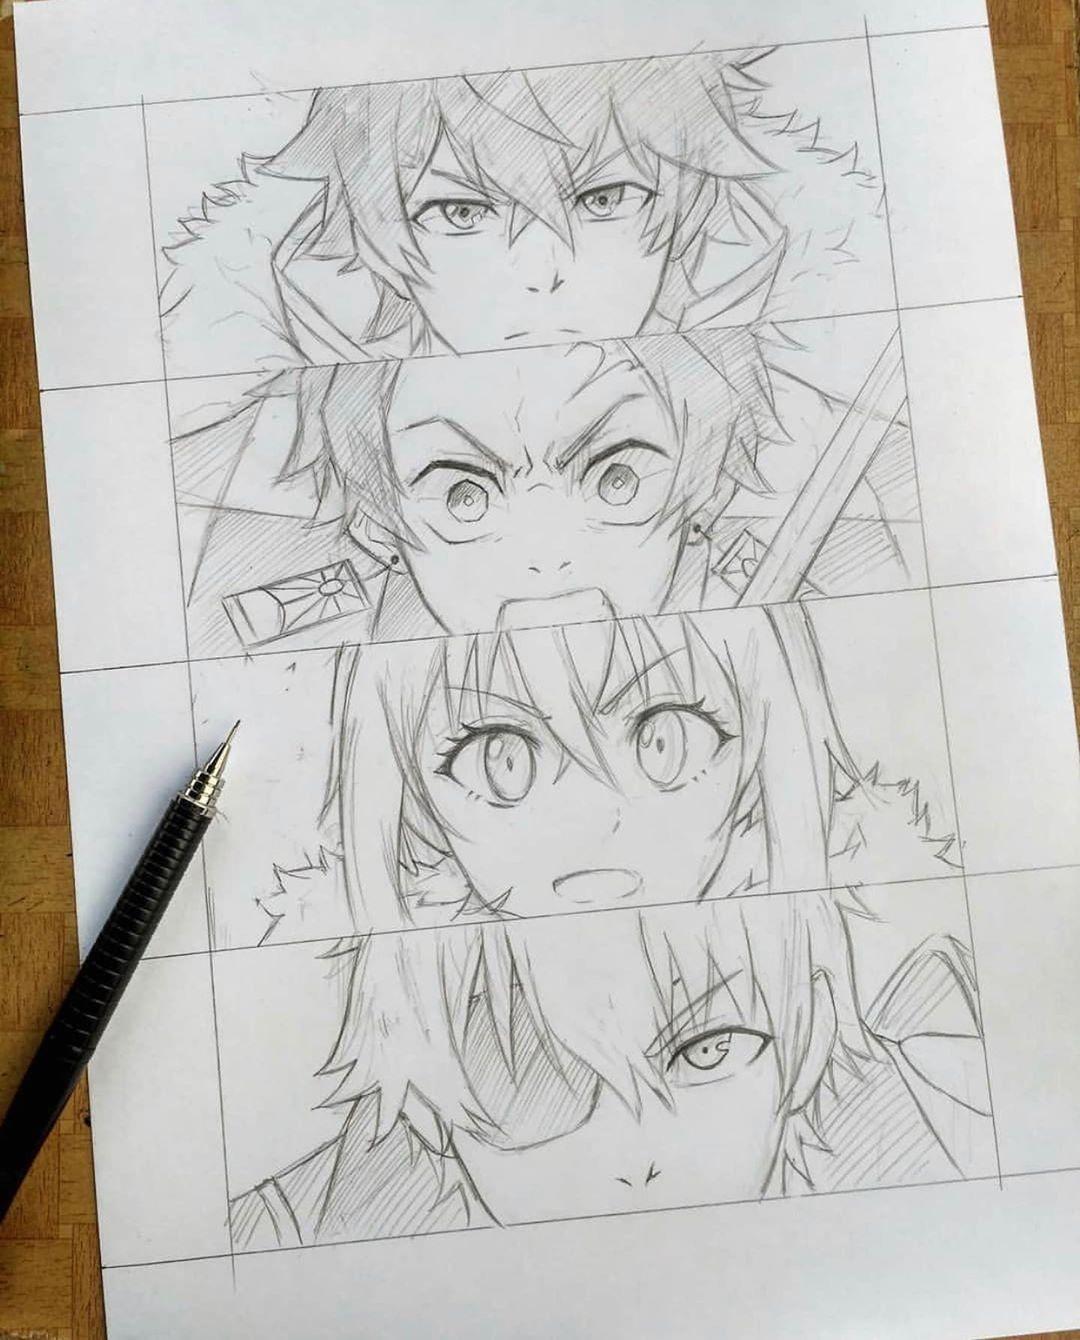 Como Desenhar Animes Em 2020 Como Desenhar Anime Esboco De Anime Otaku Anime